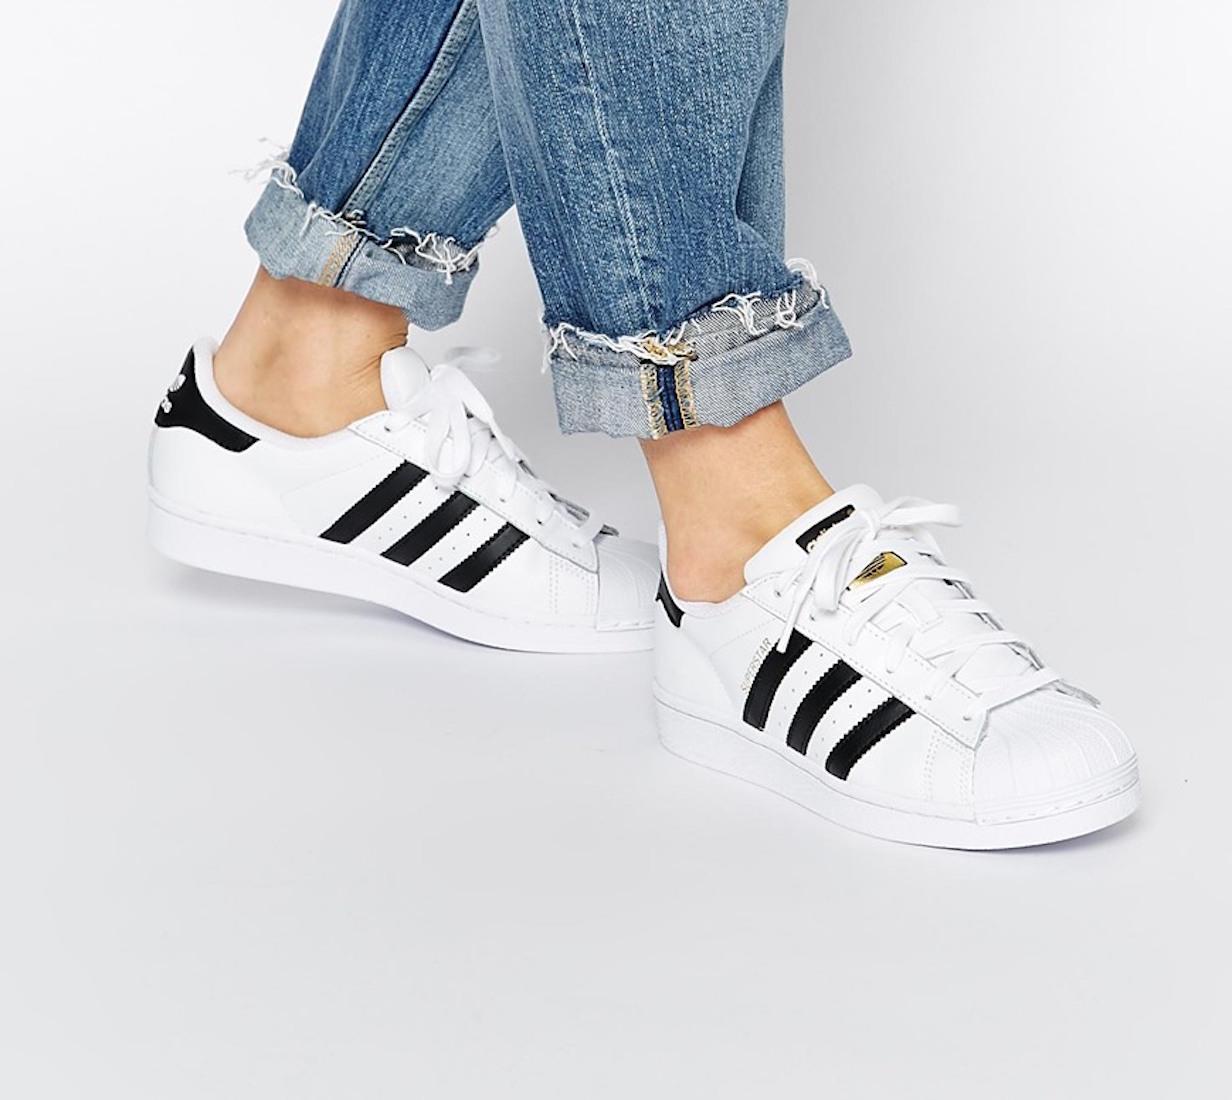 adidas-spor-ayakkabi-modelleri